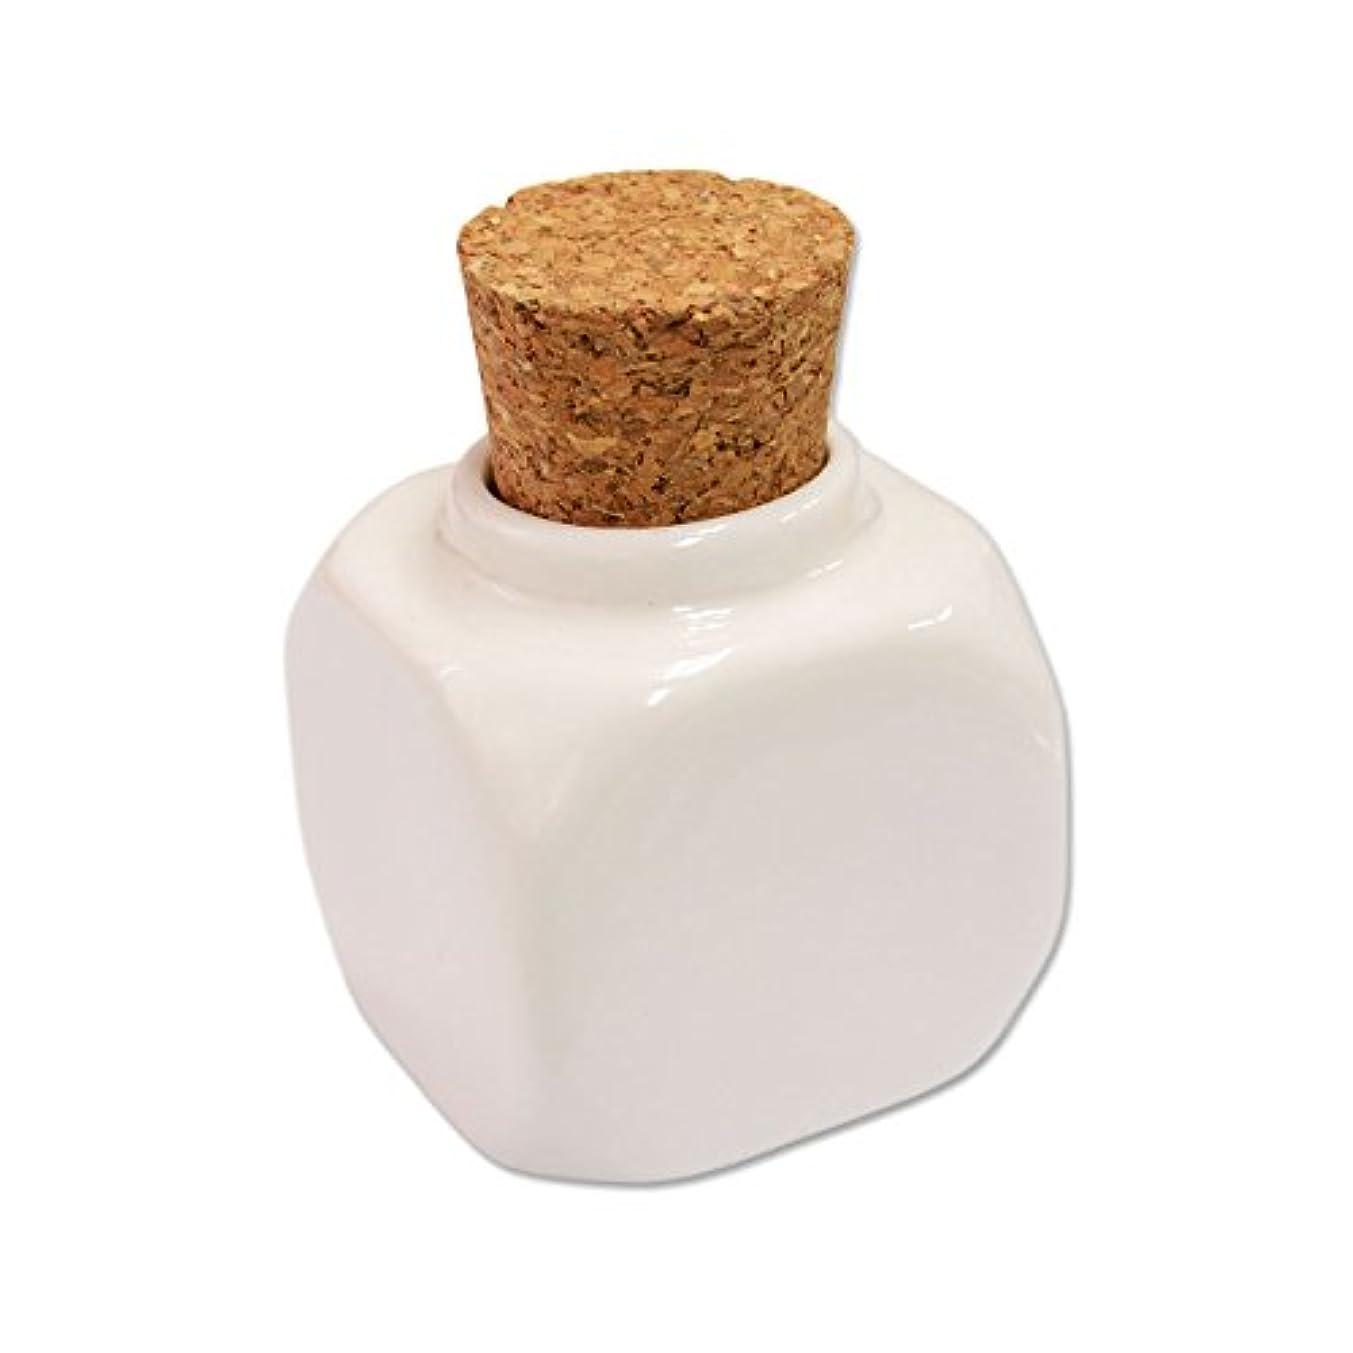 終了しました操作鳴らすコルクキャップ 陶器製ダッペンディッシュ(コルクダッペン)